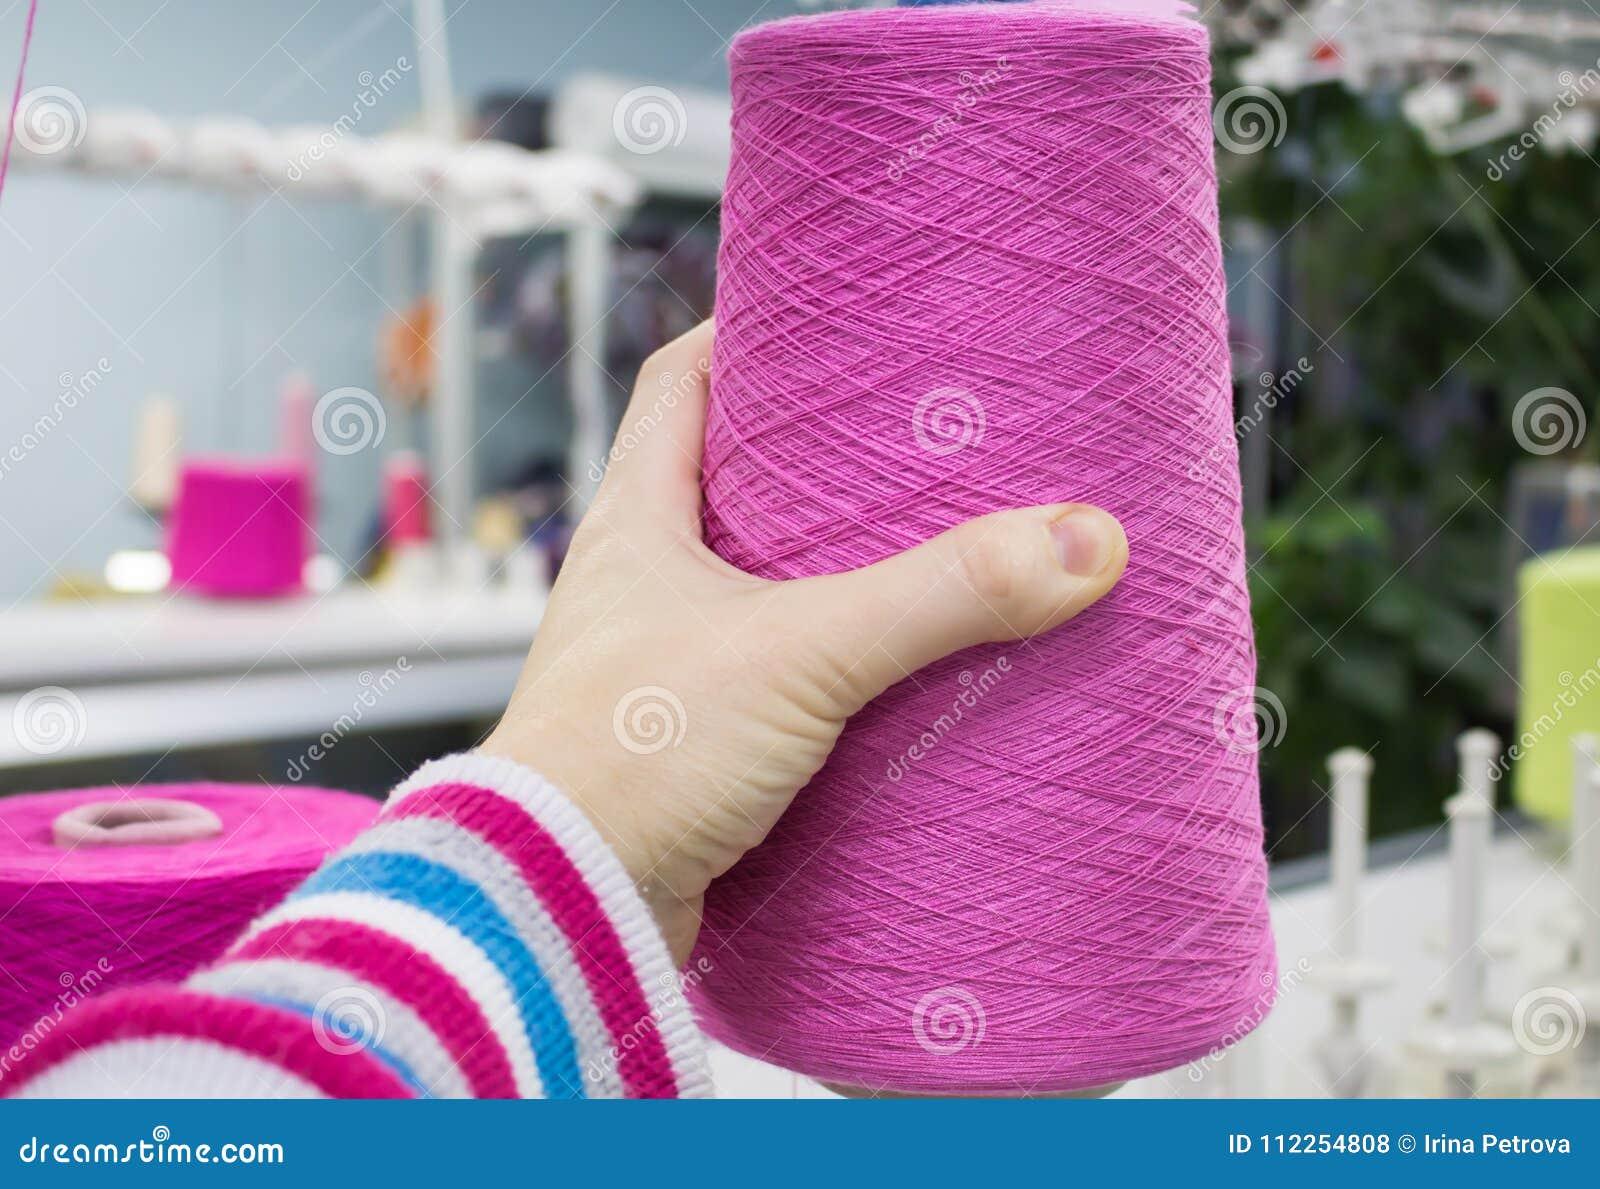 worker puts thread knitting machine worker installs threads knitting machine further work 112254808